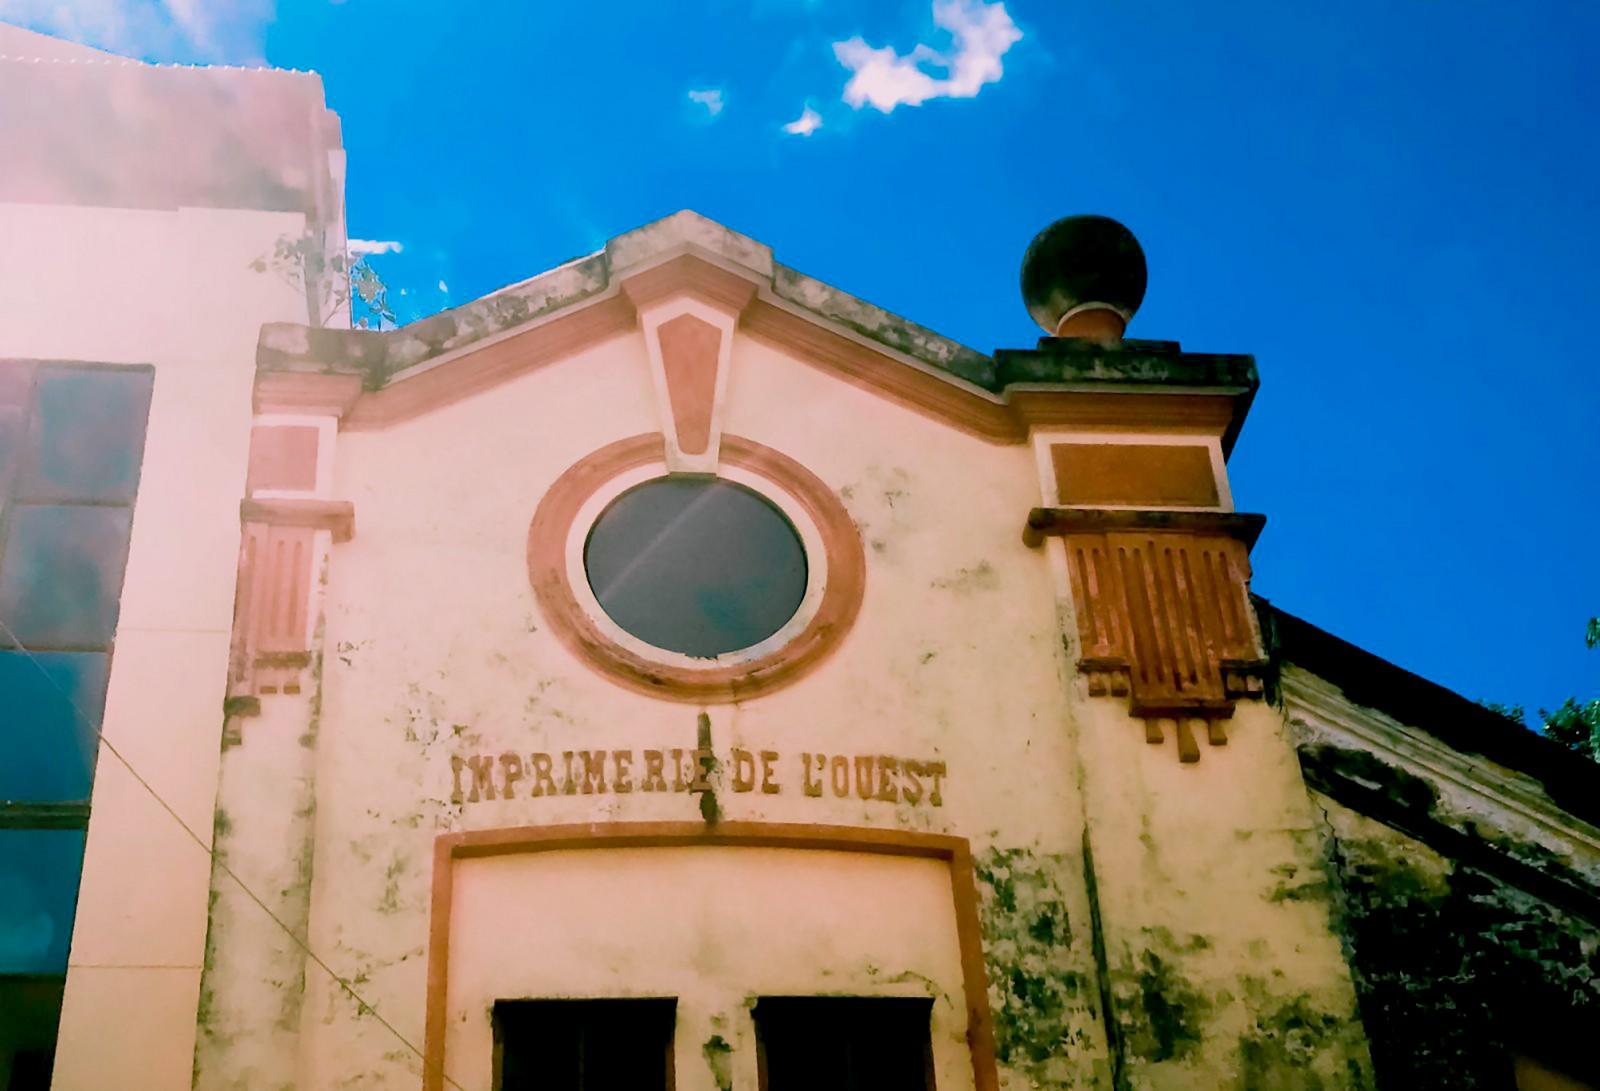 """Mái nhà có dòng chữ """"Imprimerie de l'Ouest"""" hiện tọa lạc trên đường Phan Đình Phùng, quận Ninh Kiều. Ảnh: DUY KHÔI"""